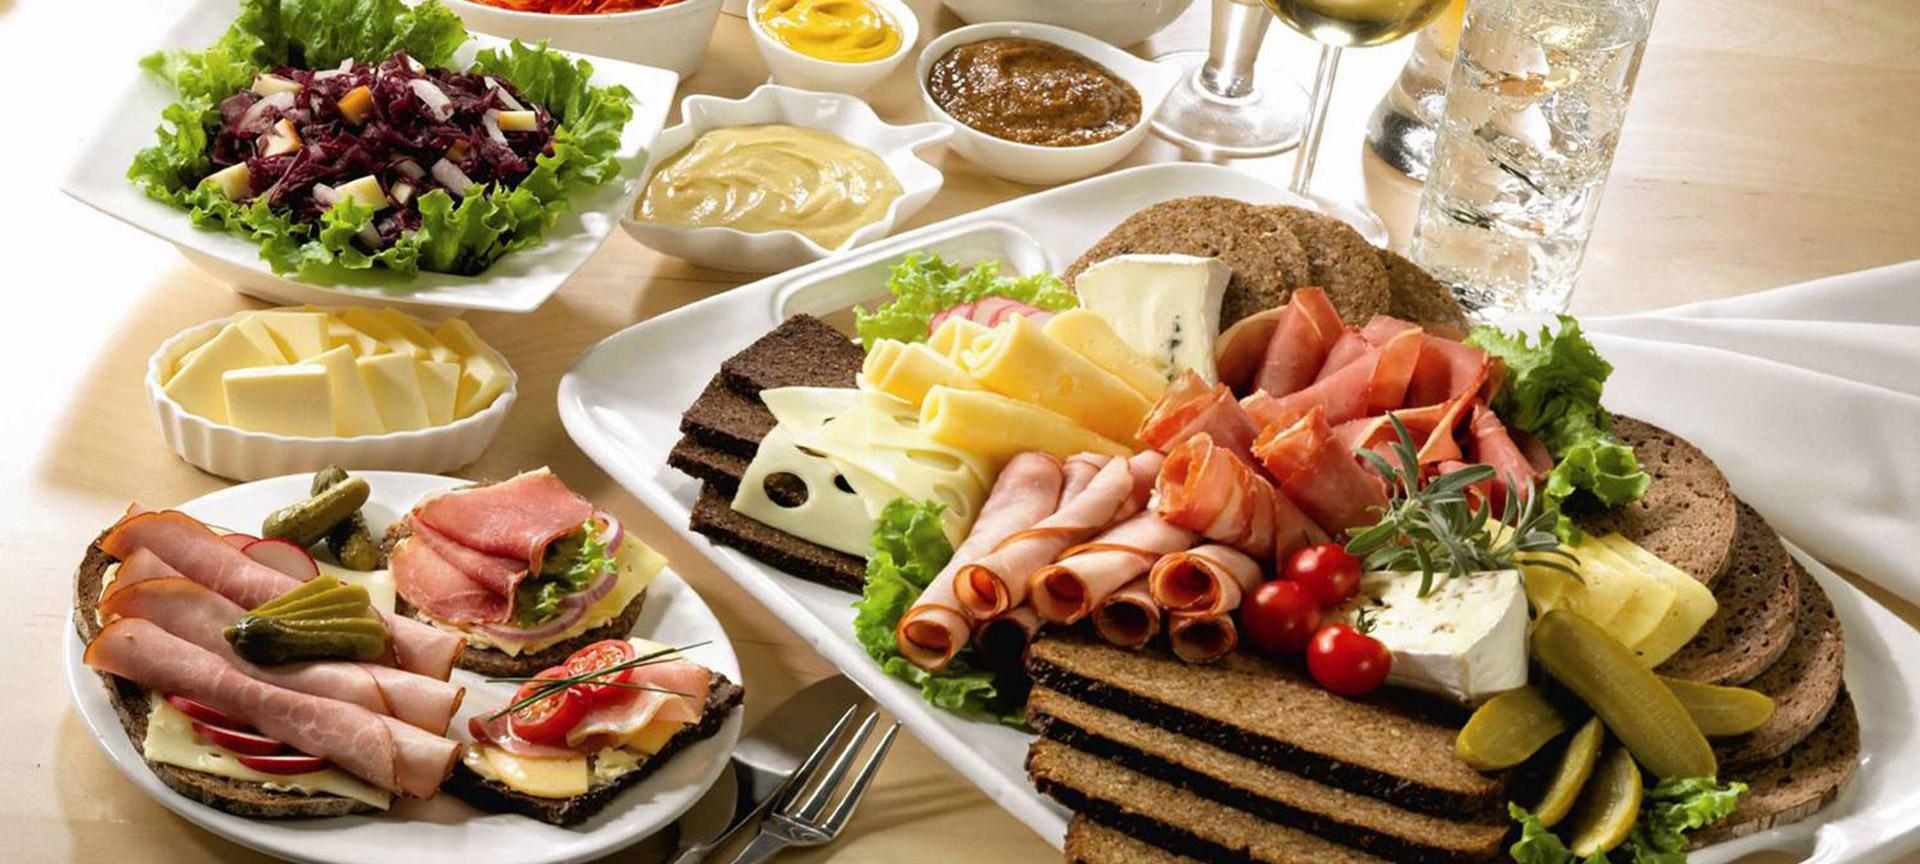 Frühstücksbuffet & Catering Service